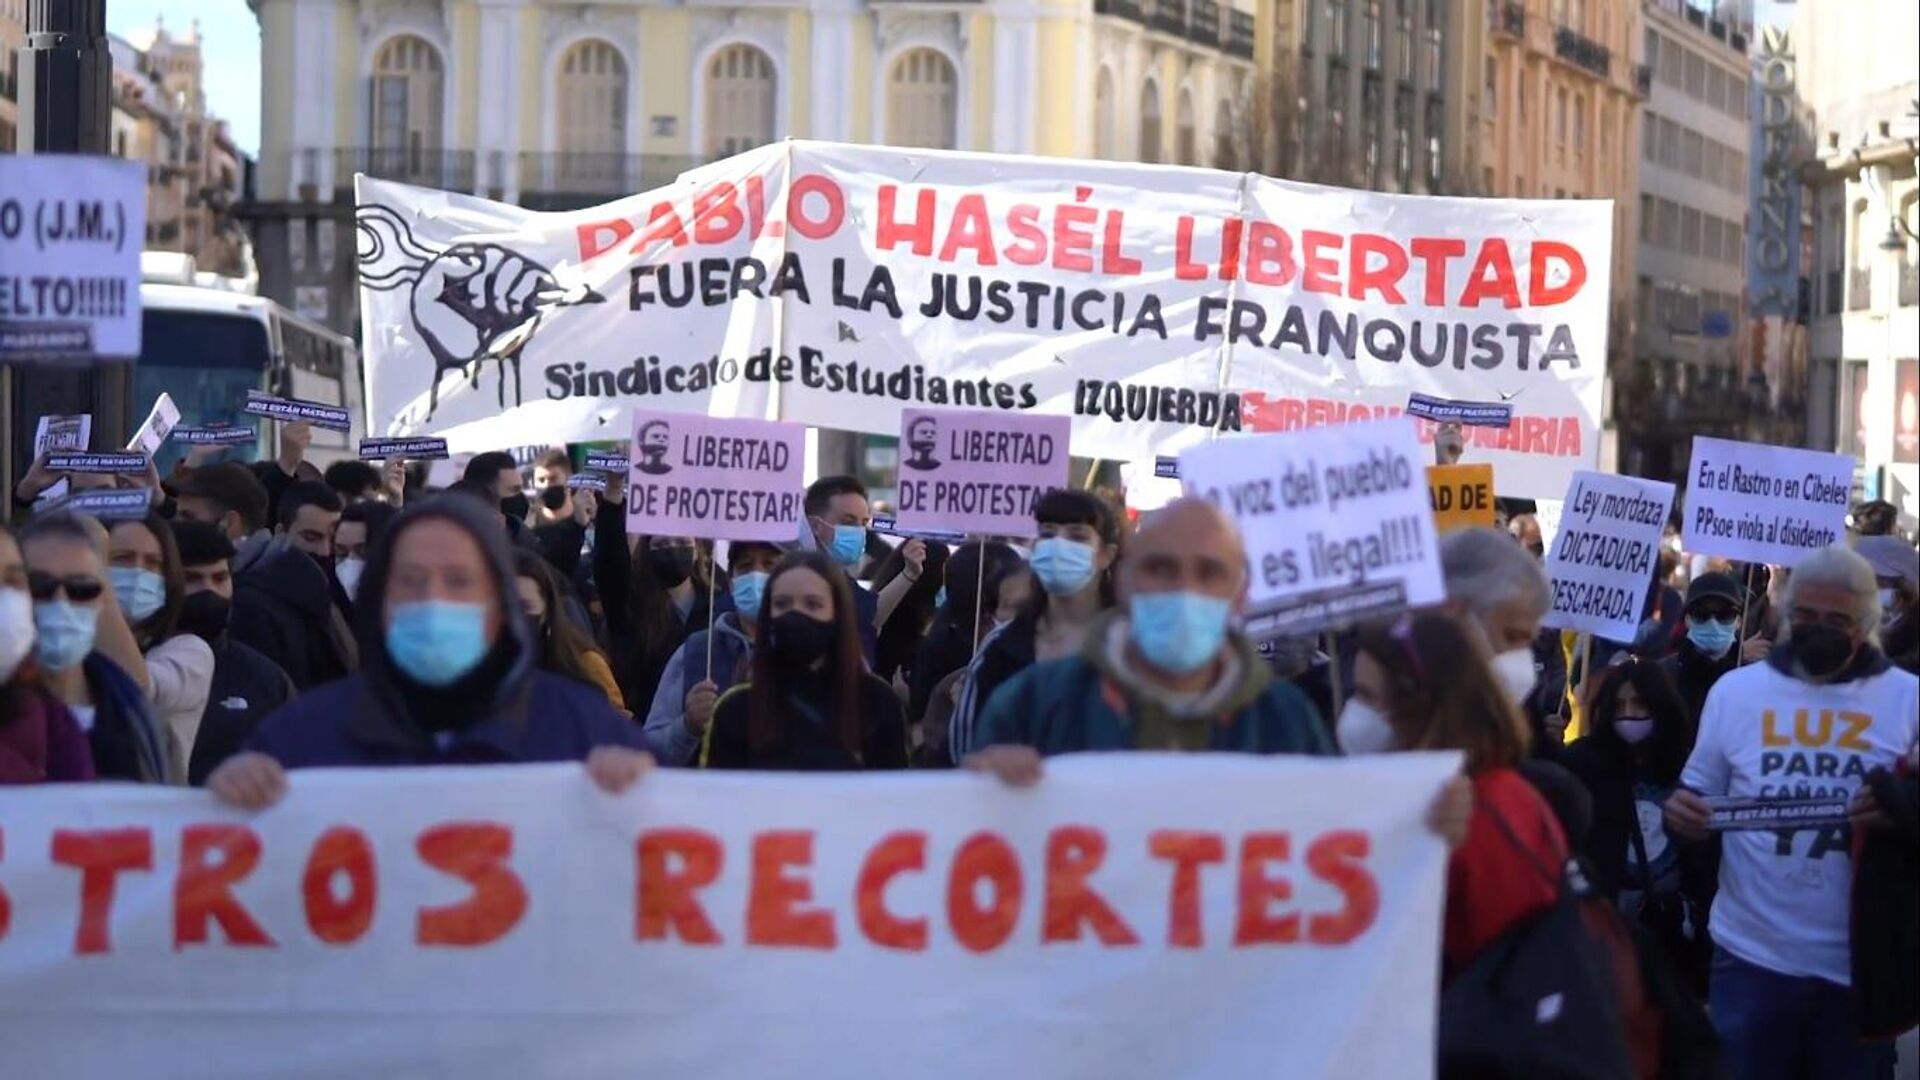 Manifestación en Madrid contra la privatización de la Sanidad y otros recortes sociales - Sputnik Mundo, 1920, 15.02.2021